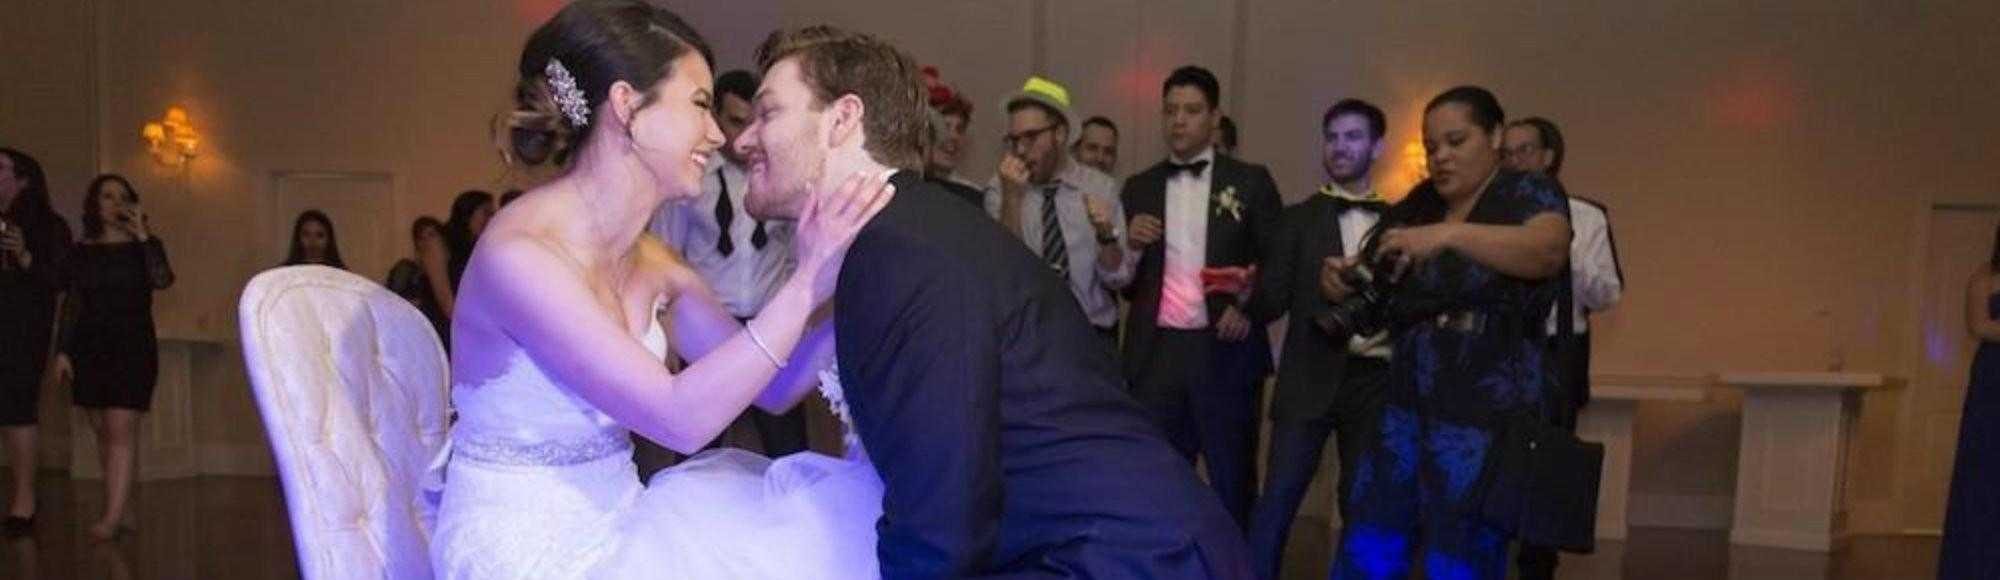 Cum e să te căsătorești la 20 de ani